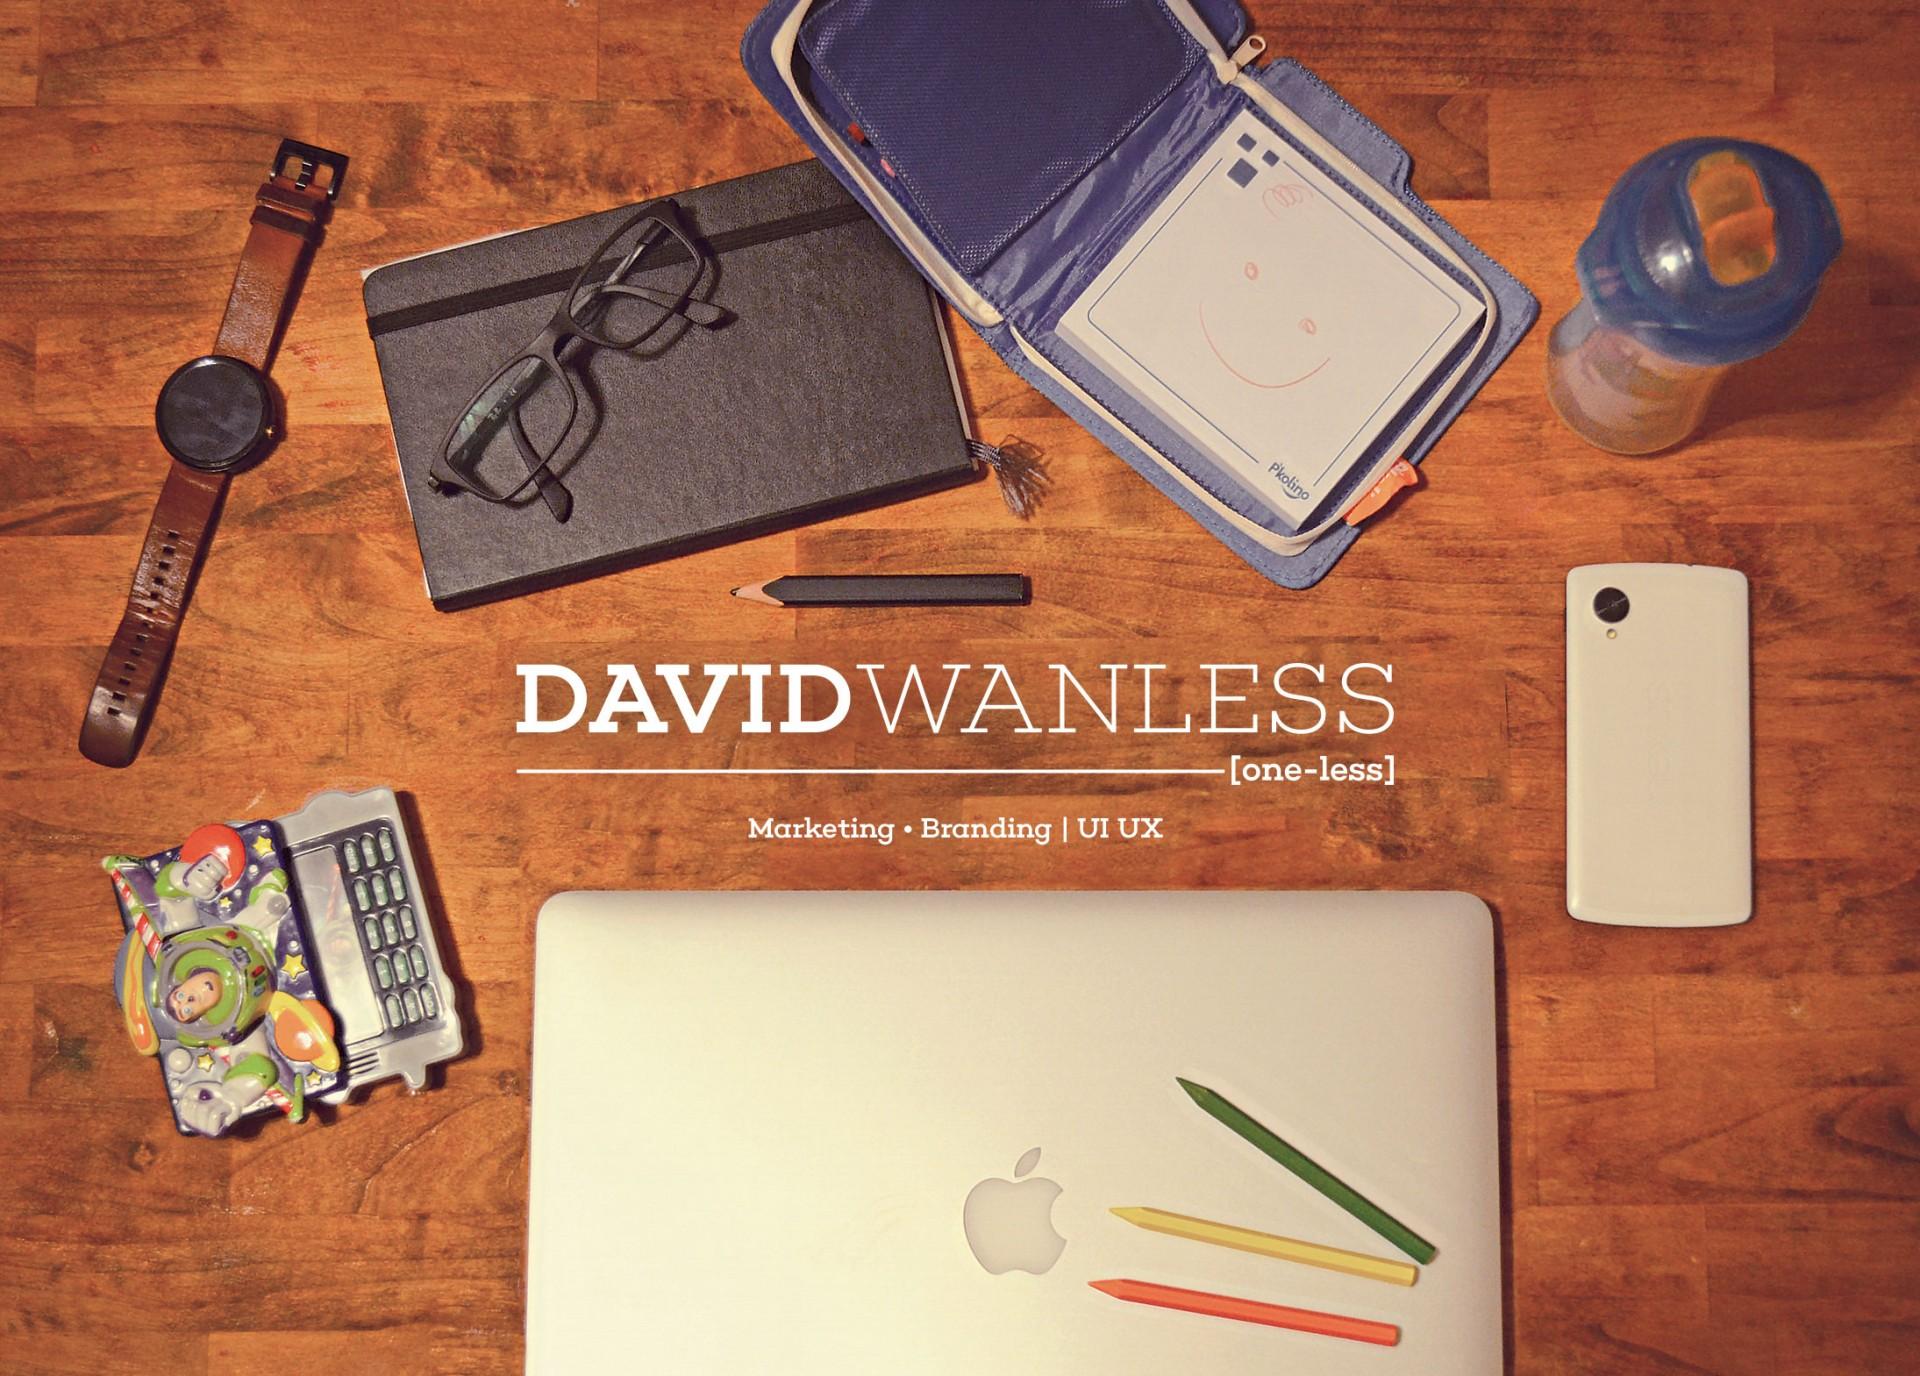 davidwanless.com